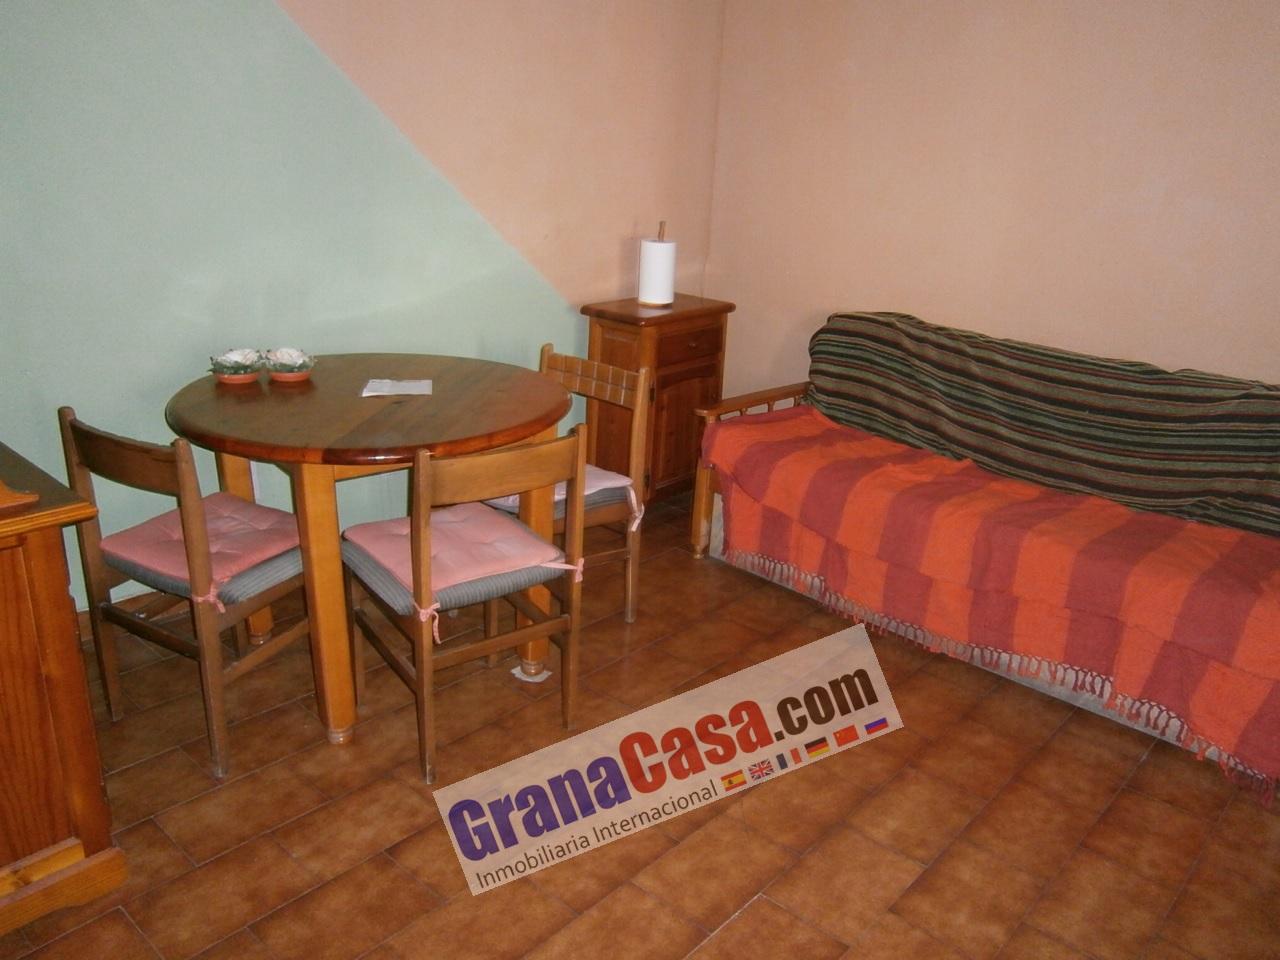 Estudio en zona centro de granada granacasagranacasa - Alquilar estudio en granada ...